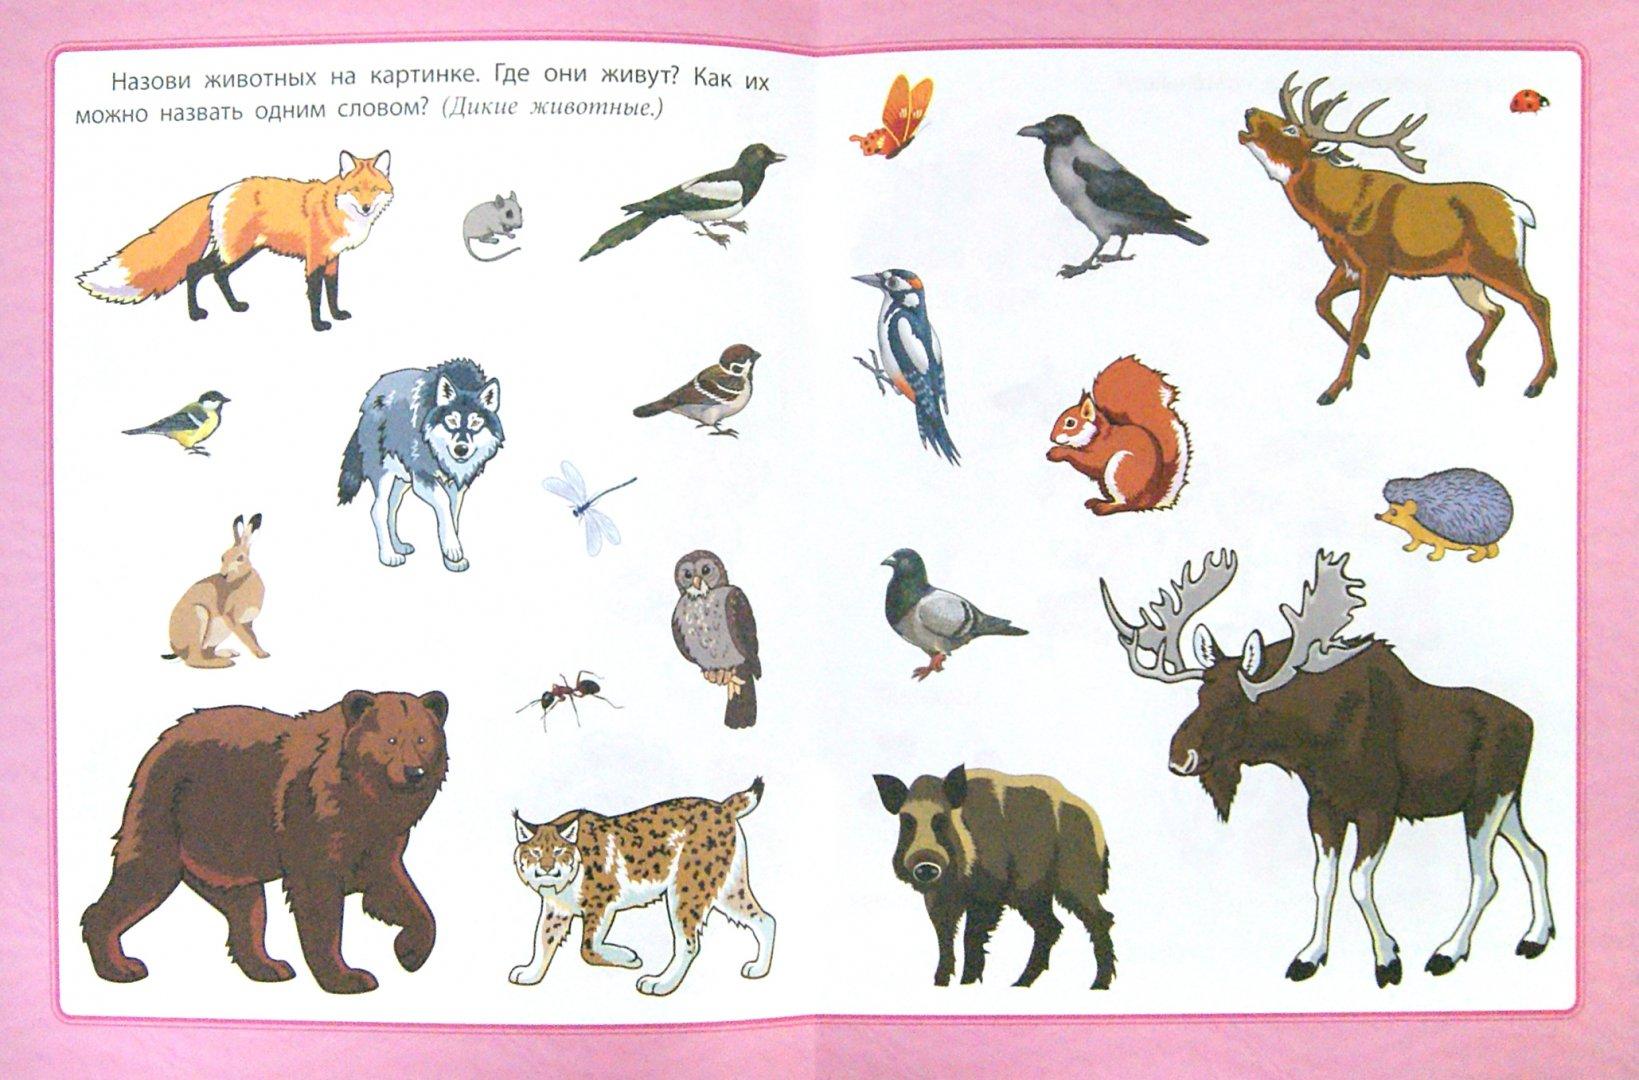 Иллюстрация 1 из 9 для Любознательным малышам. Развитие речи - Евгения Ищук | Лабиринт - книги. Источник: Лабиринт